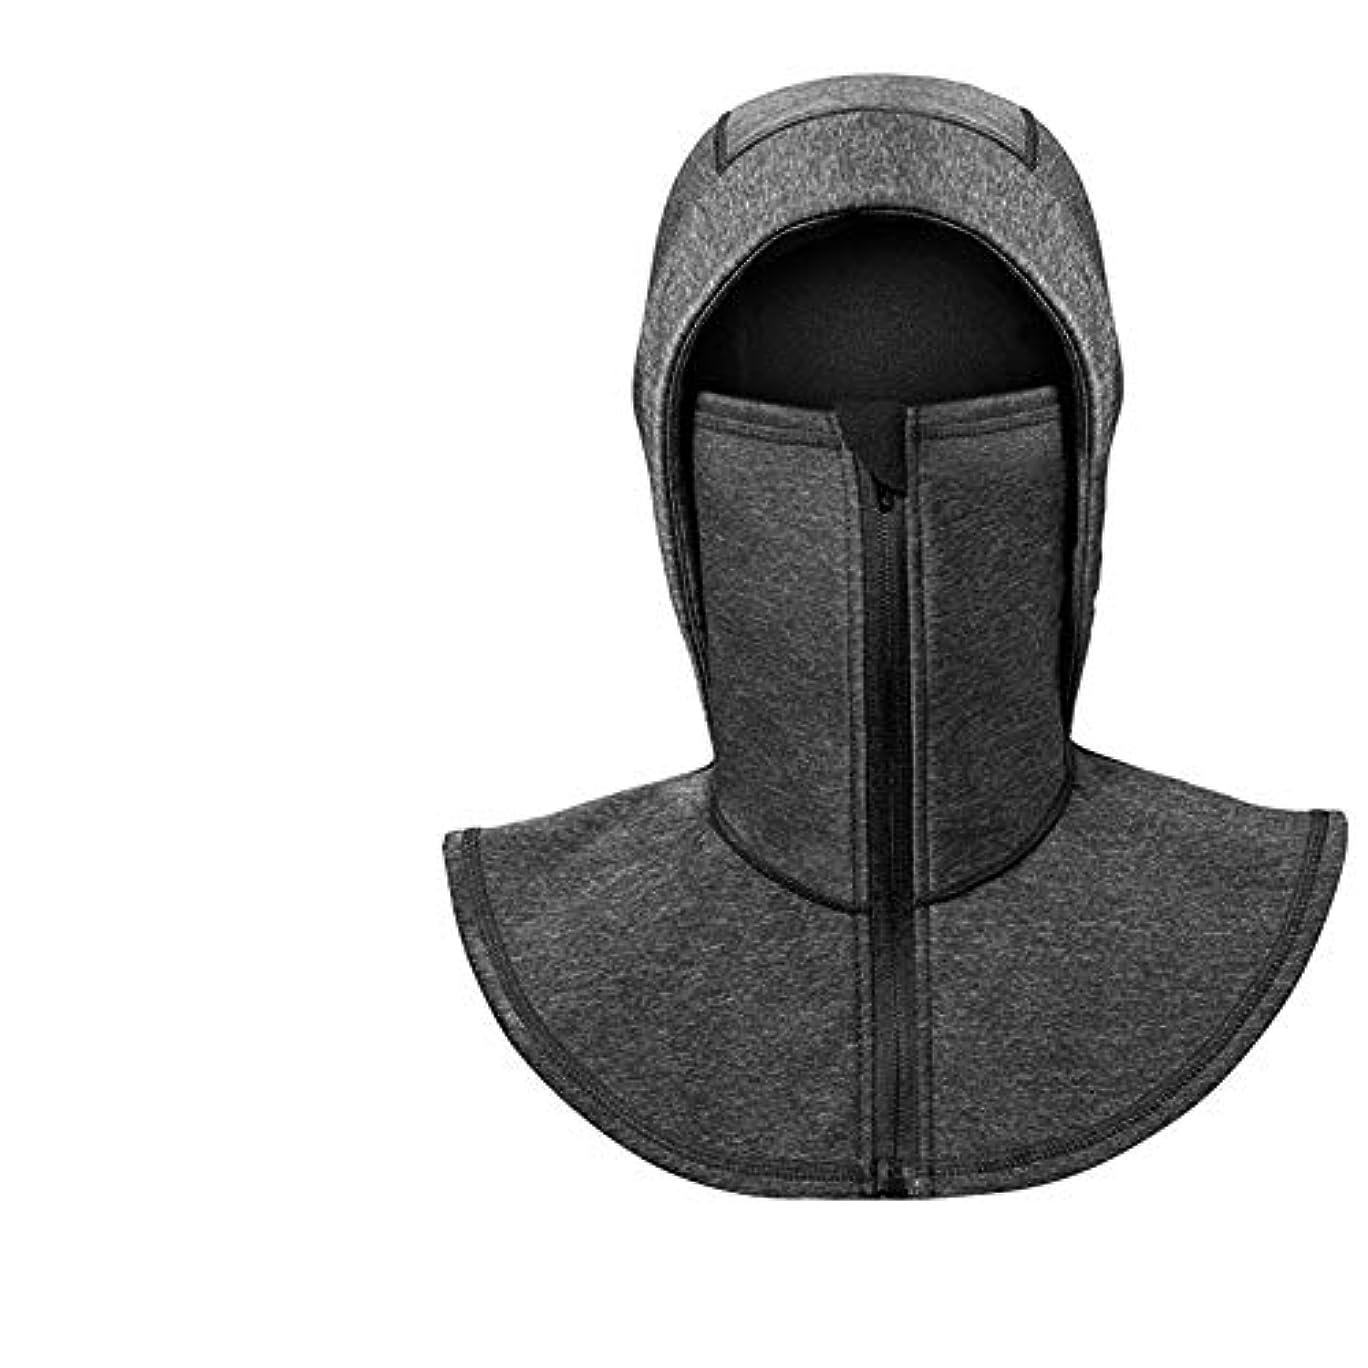 ストライド子豚ラフコールドマスク冬防風フリースウォームフードライディングマスク襟襟屋外オートバイフルフェイスネック